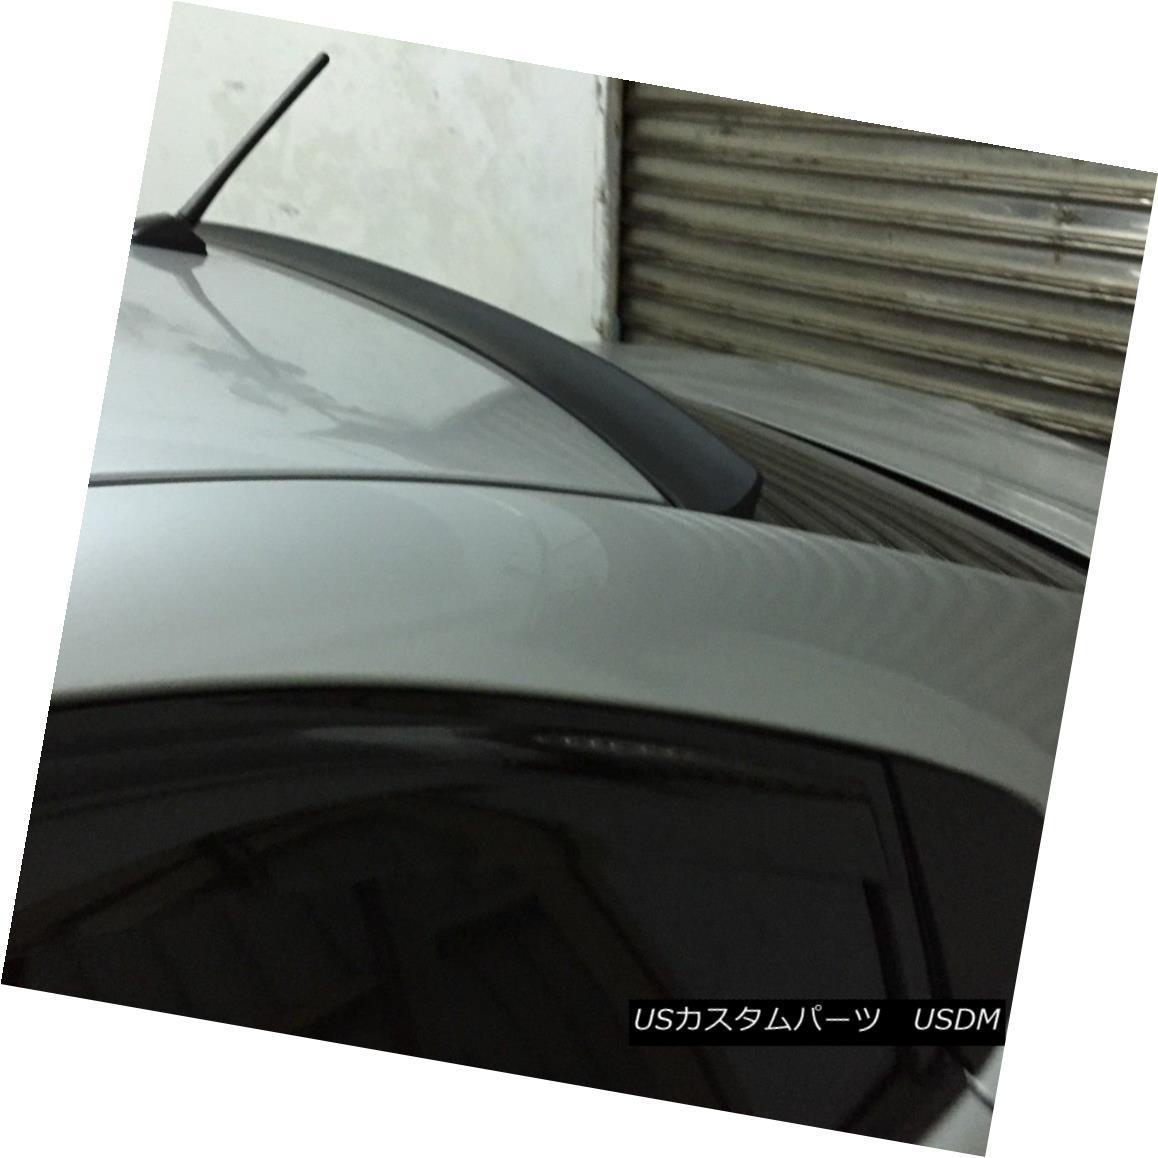 エアロパーツ Flat Black L Style Rear Window Roof Spoiler Wing For Acura TL 2009-2014 Sedan ? アキュラTL 2009-2014セダンのためのフラットブラックLスタイルリアウィンドウルーフスポイラーウイング?